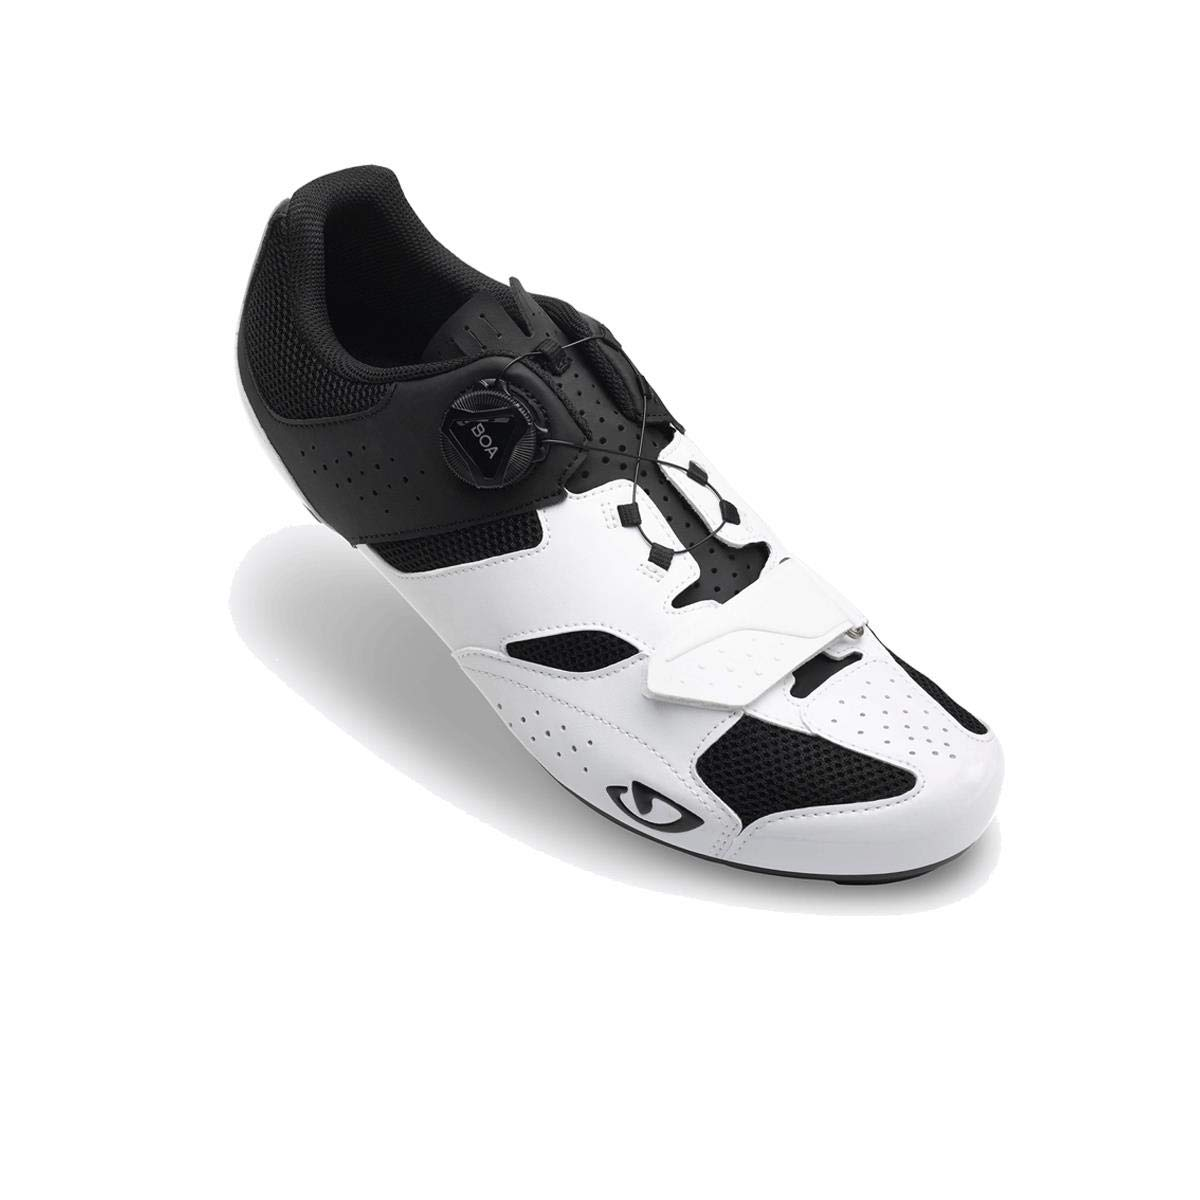 White Black Giro Savix Cycling shoes - Men's